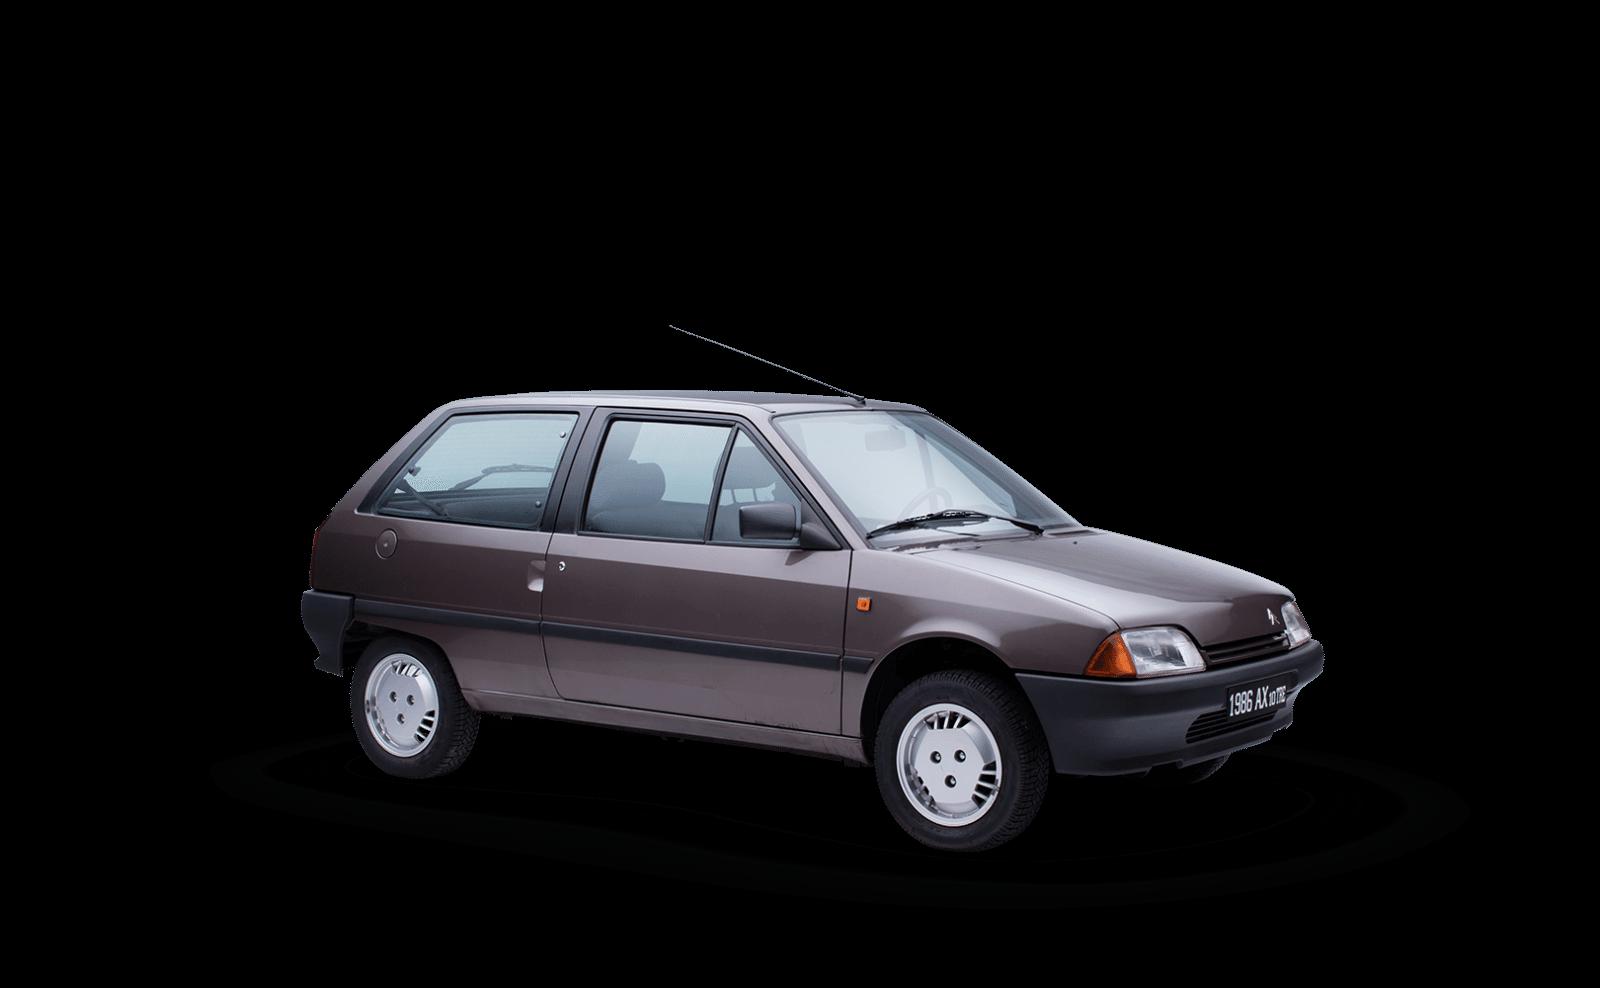 Citroën Origins - Citroën AX Ax42_1620x1000